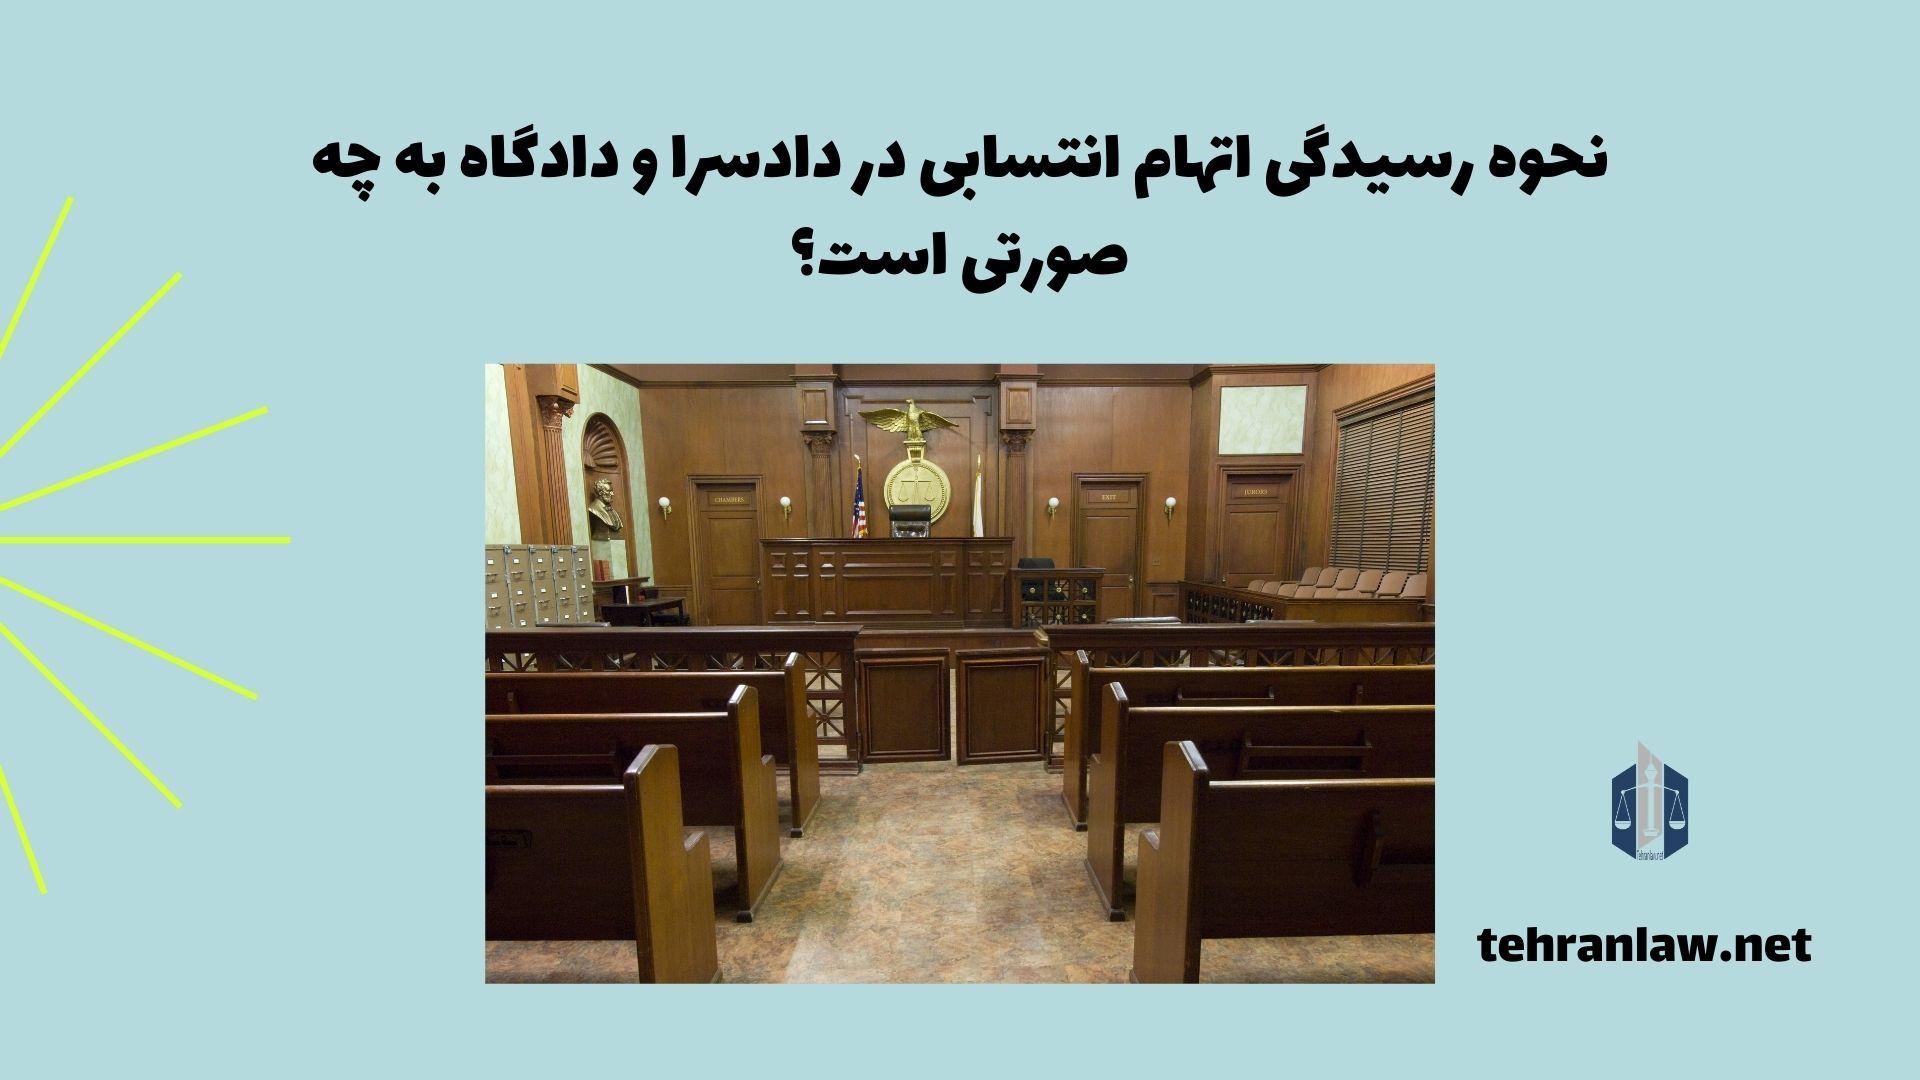 نحوه رسیدگی اتهام انتسابی در دادسرا و دادگاه به چه صورتی است؟